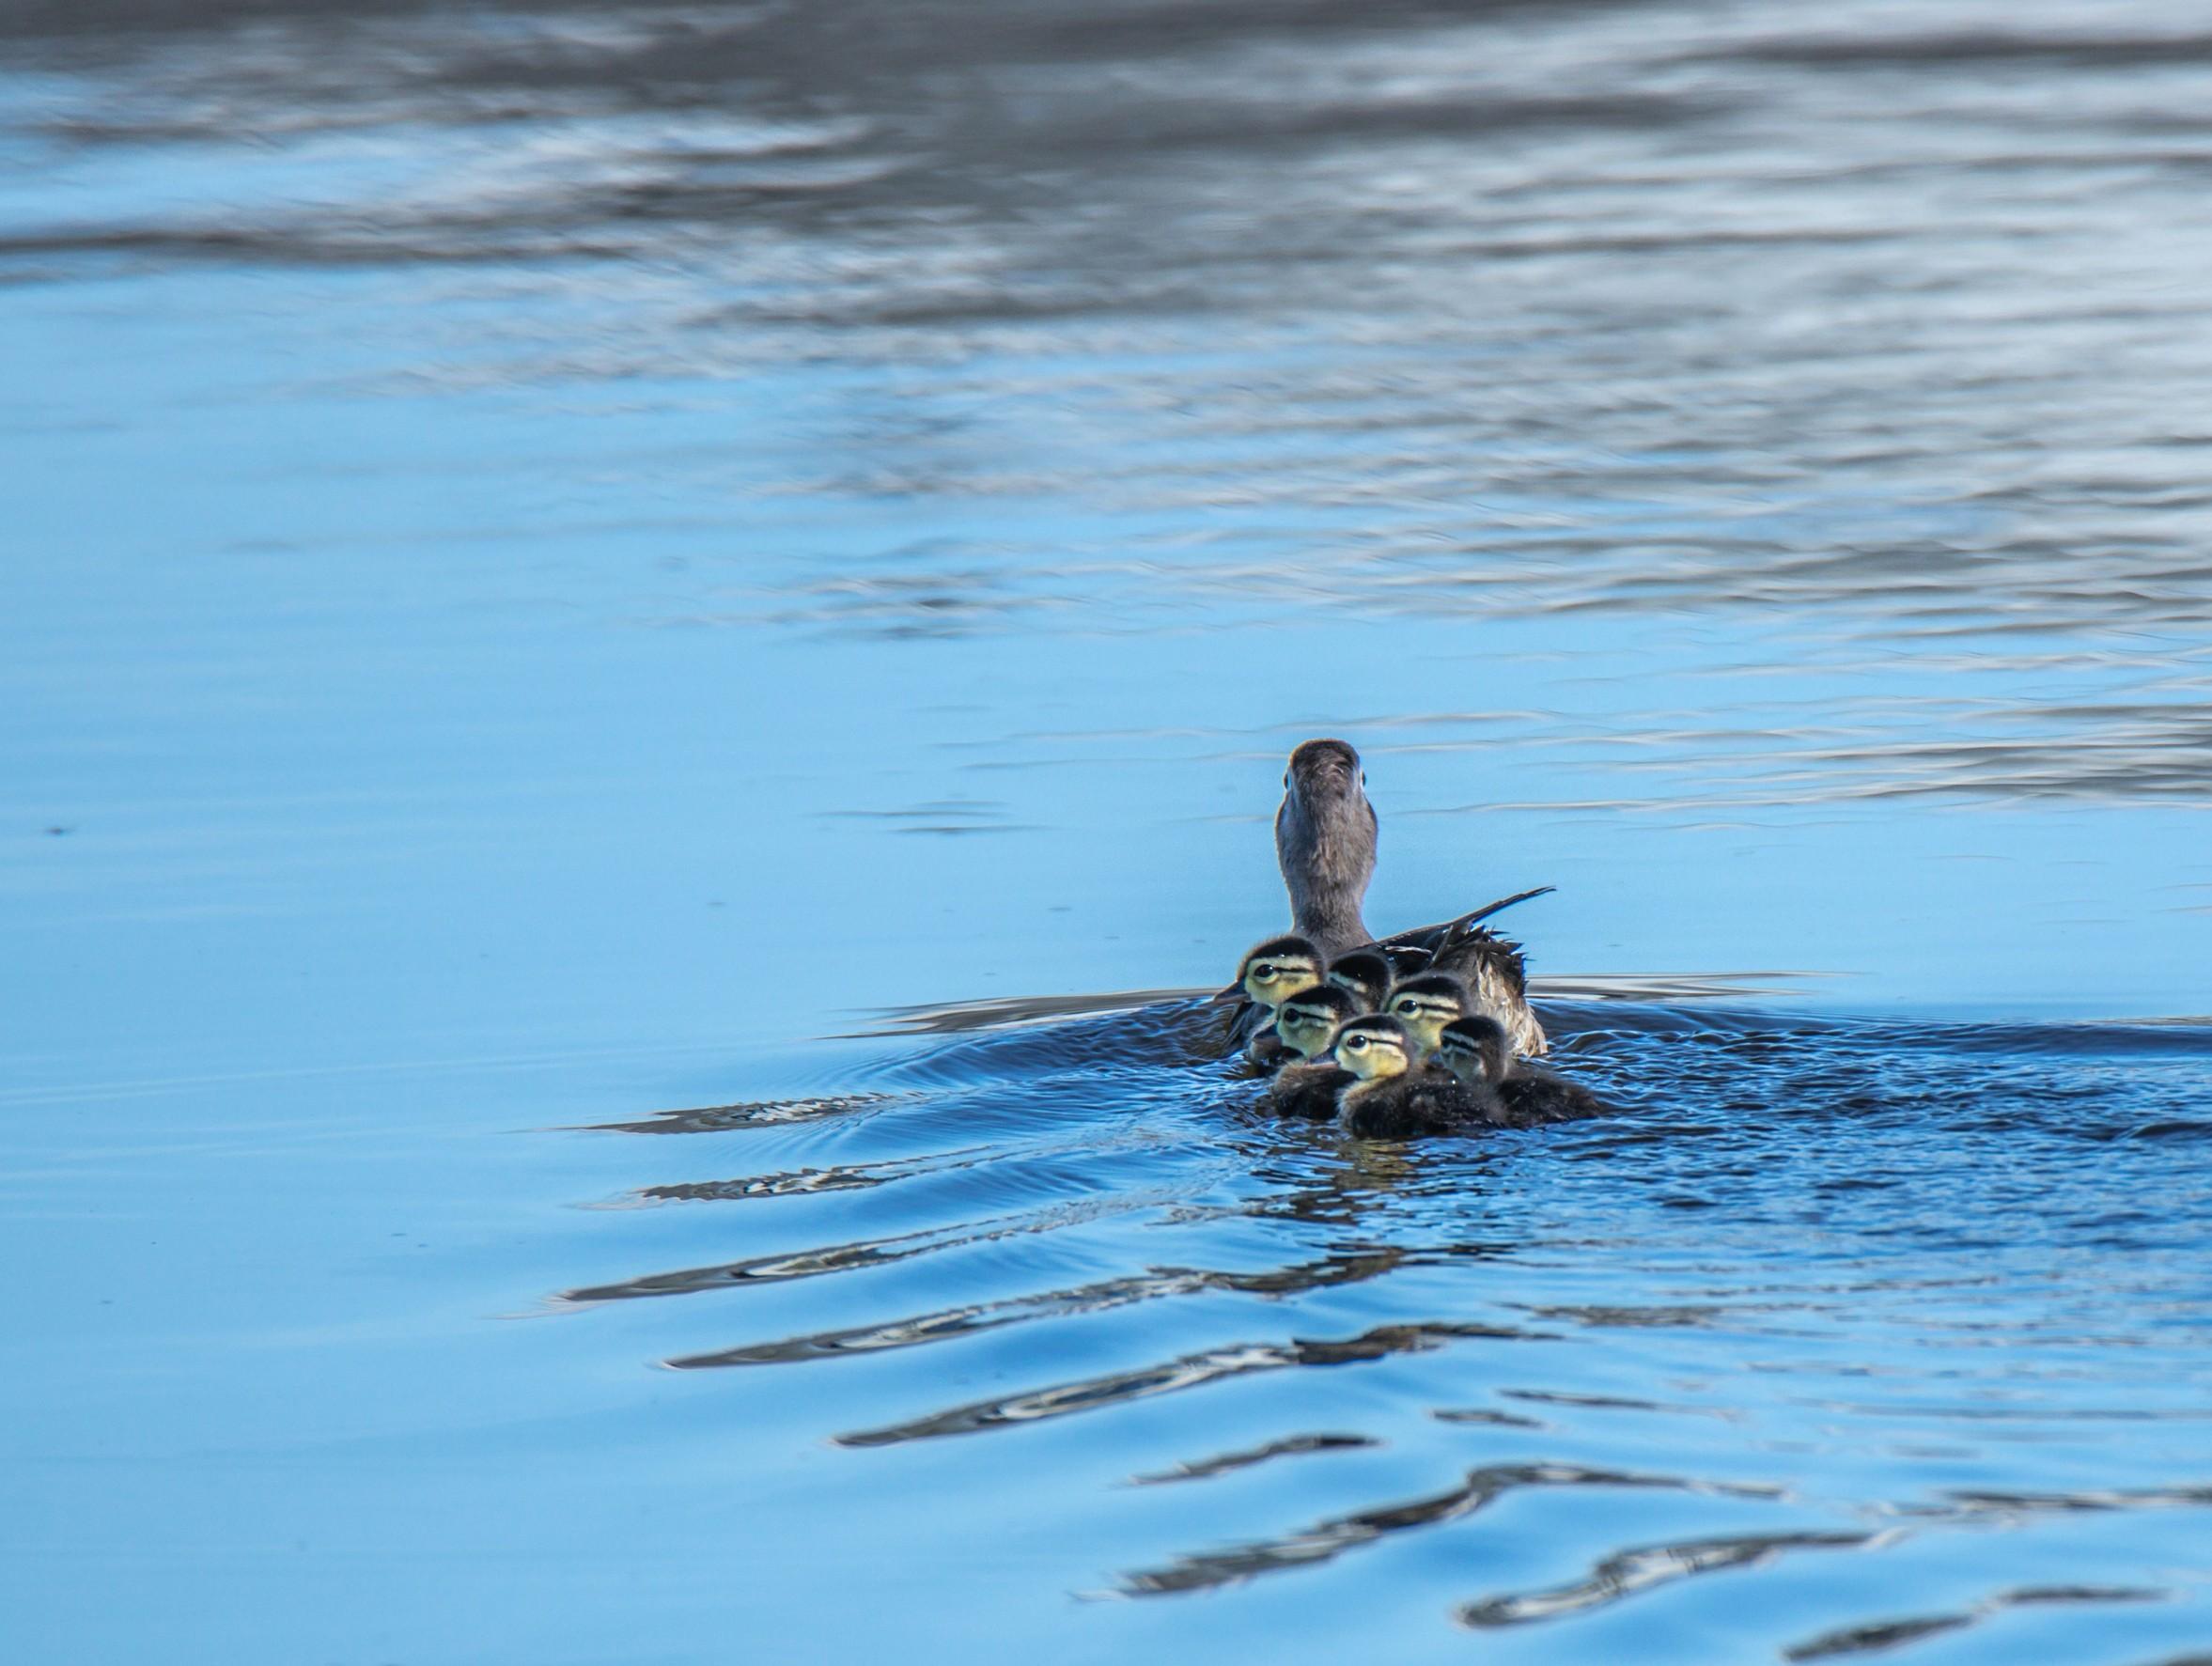 080-Duck-fam-ripples-cvt-fn.jpg